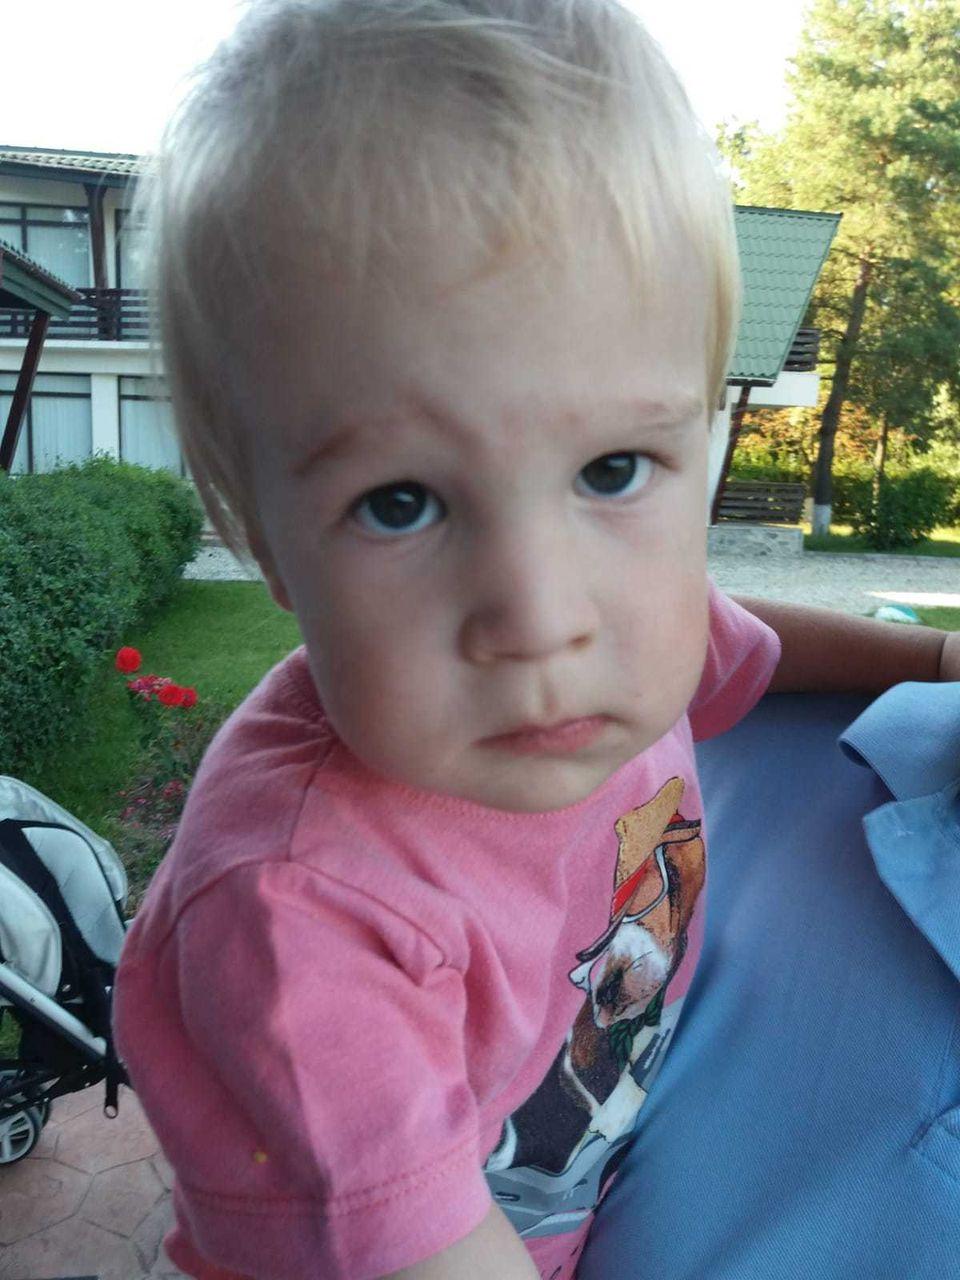 Imagini emoţionante cu băieţelul de nici doi ani, mort după ce a fost operat! Diseară, la Ştirile Kanal D, urmăriţi un reportaj sfâşietor acasă la părinţii micuţului VIDEO